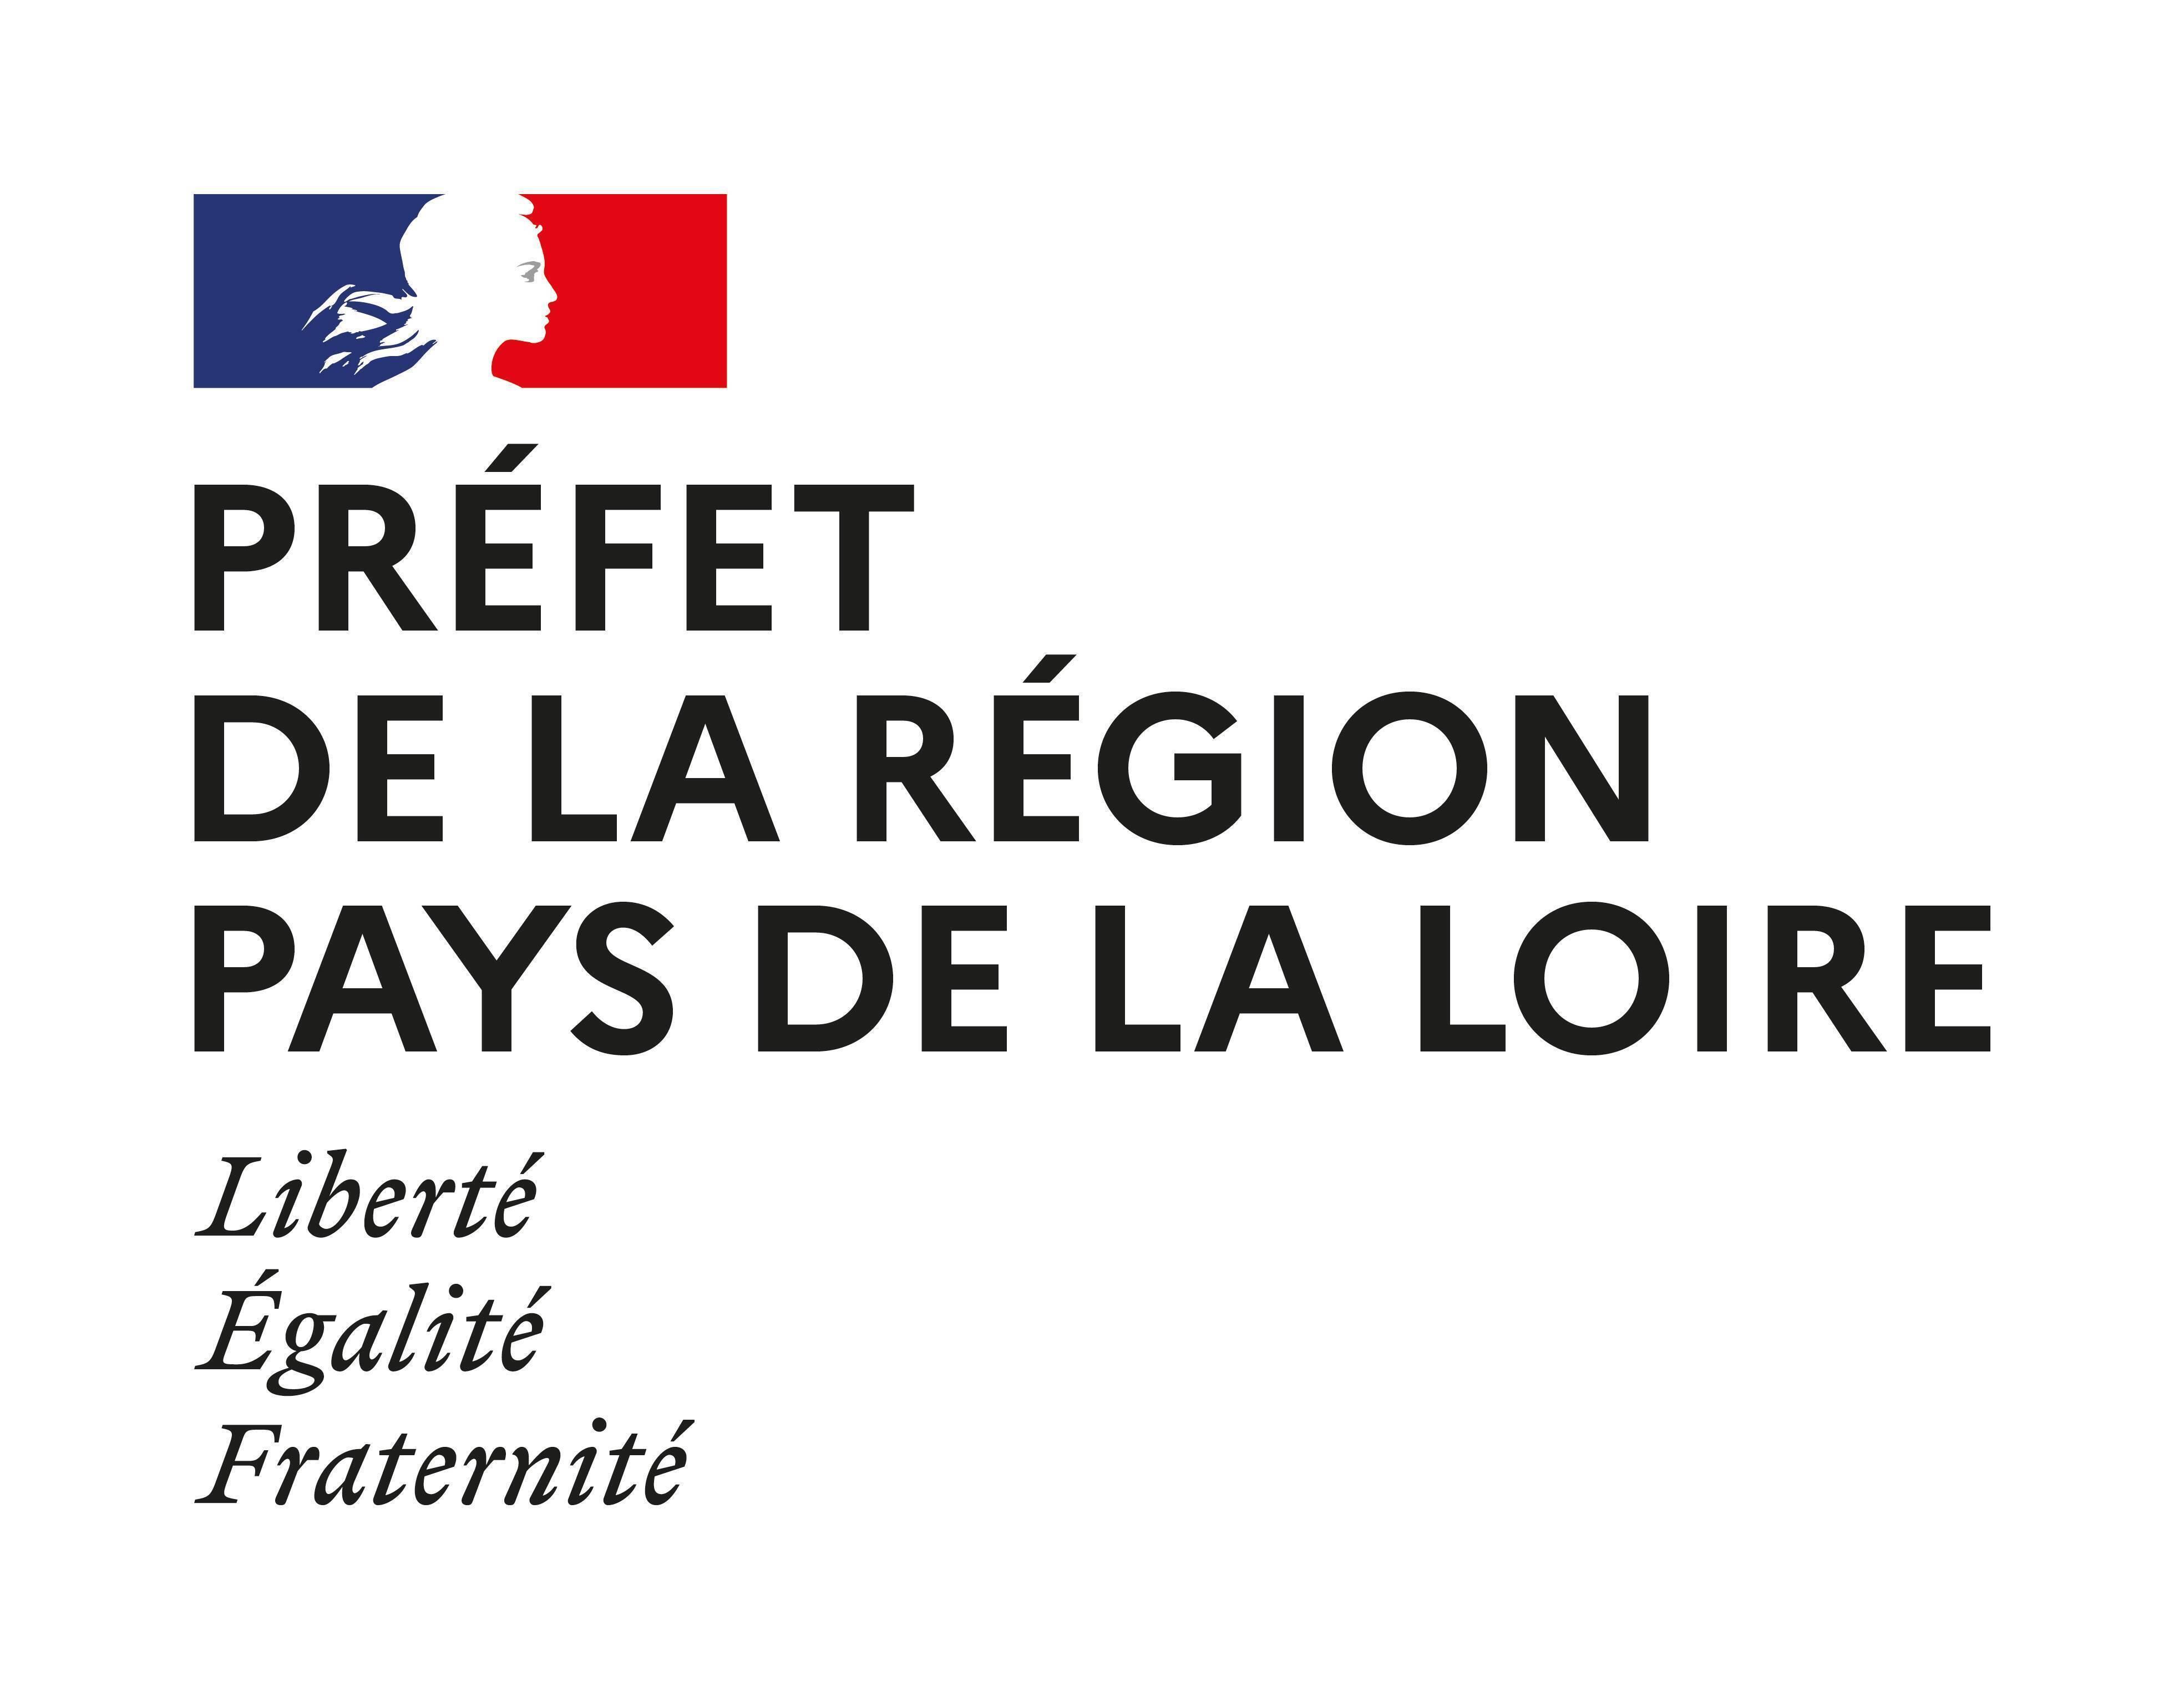 Logo de Préfecture pays de la loire